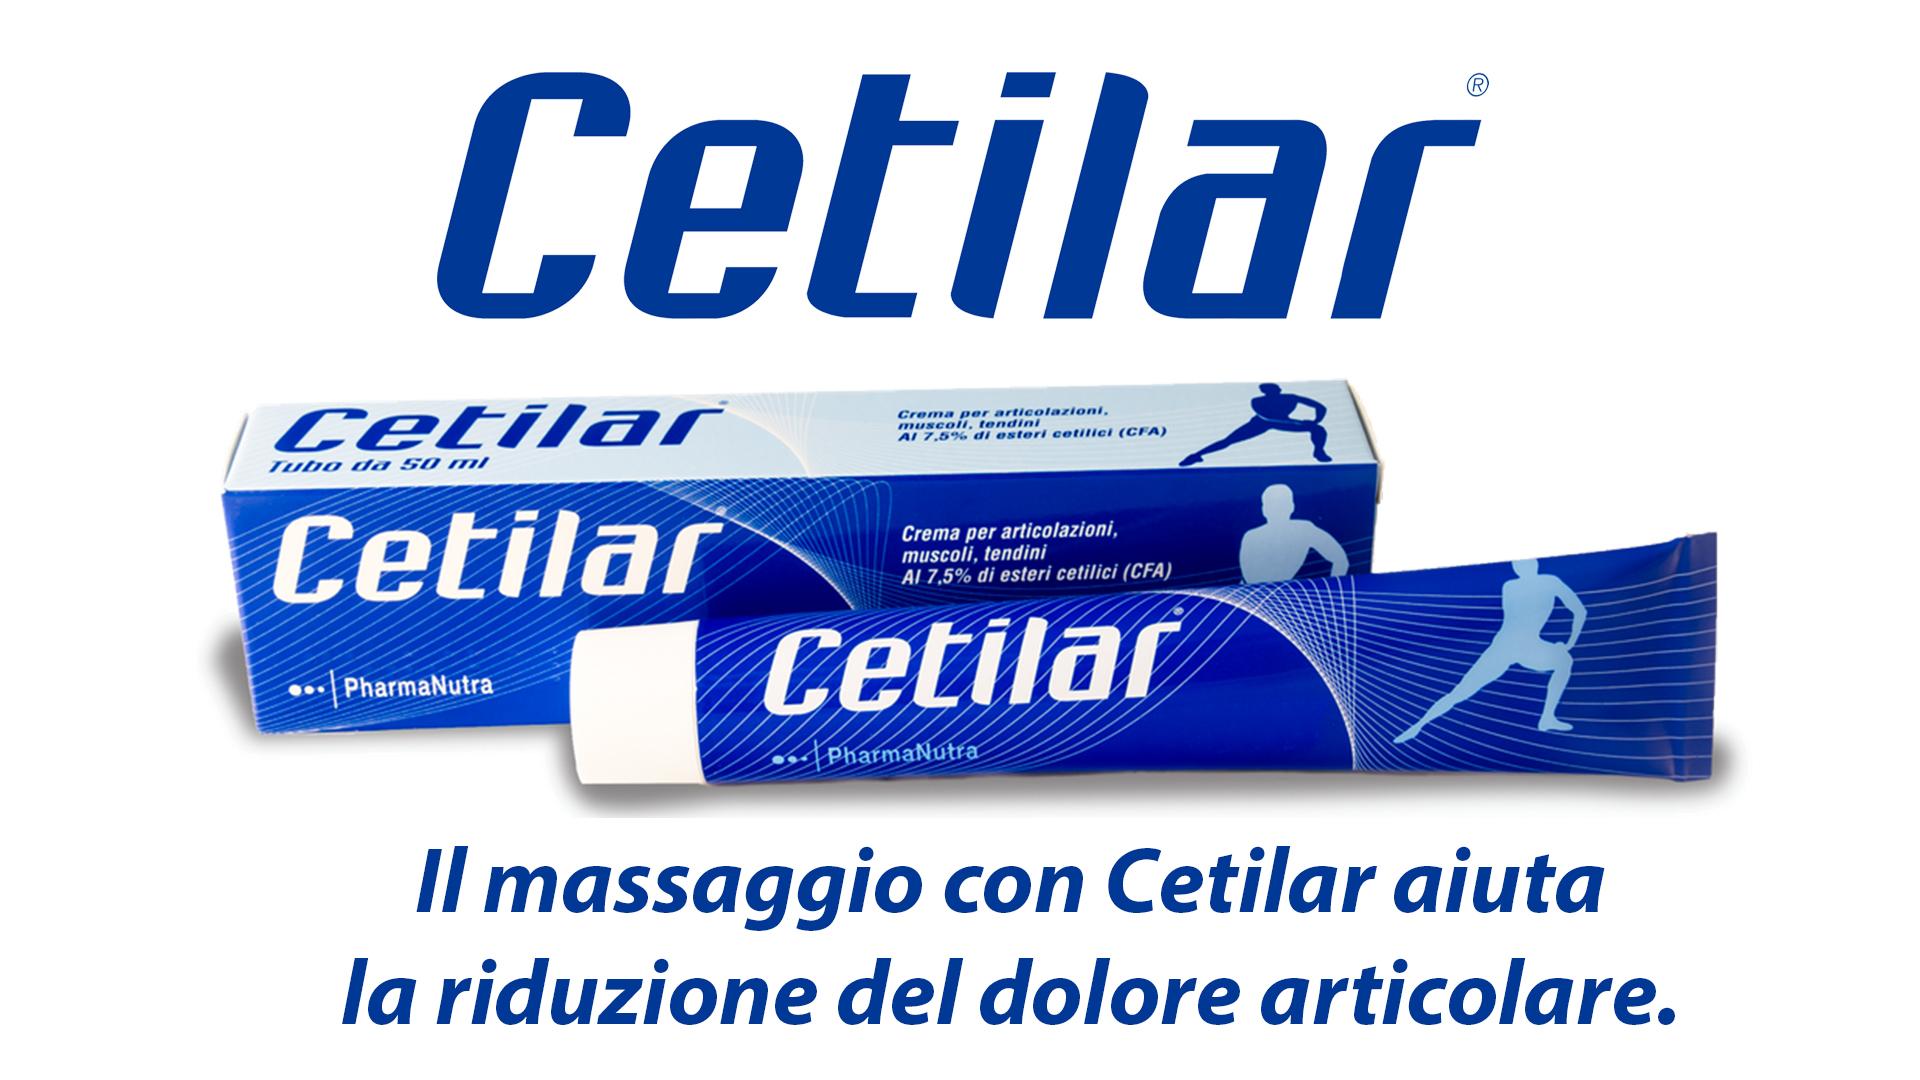 Cetilar